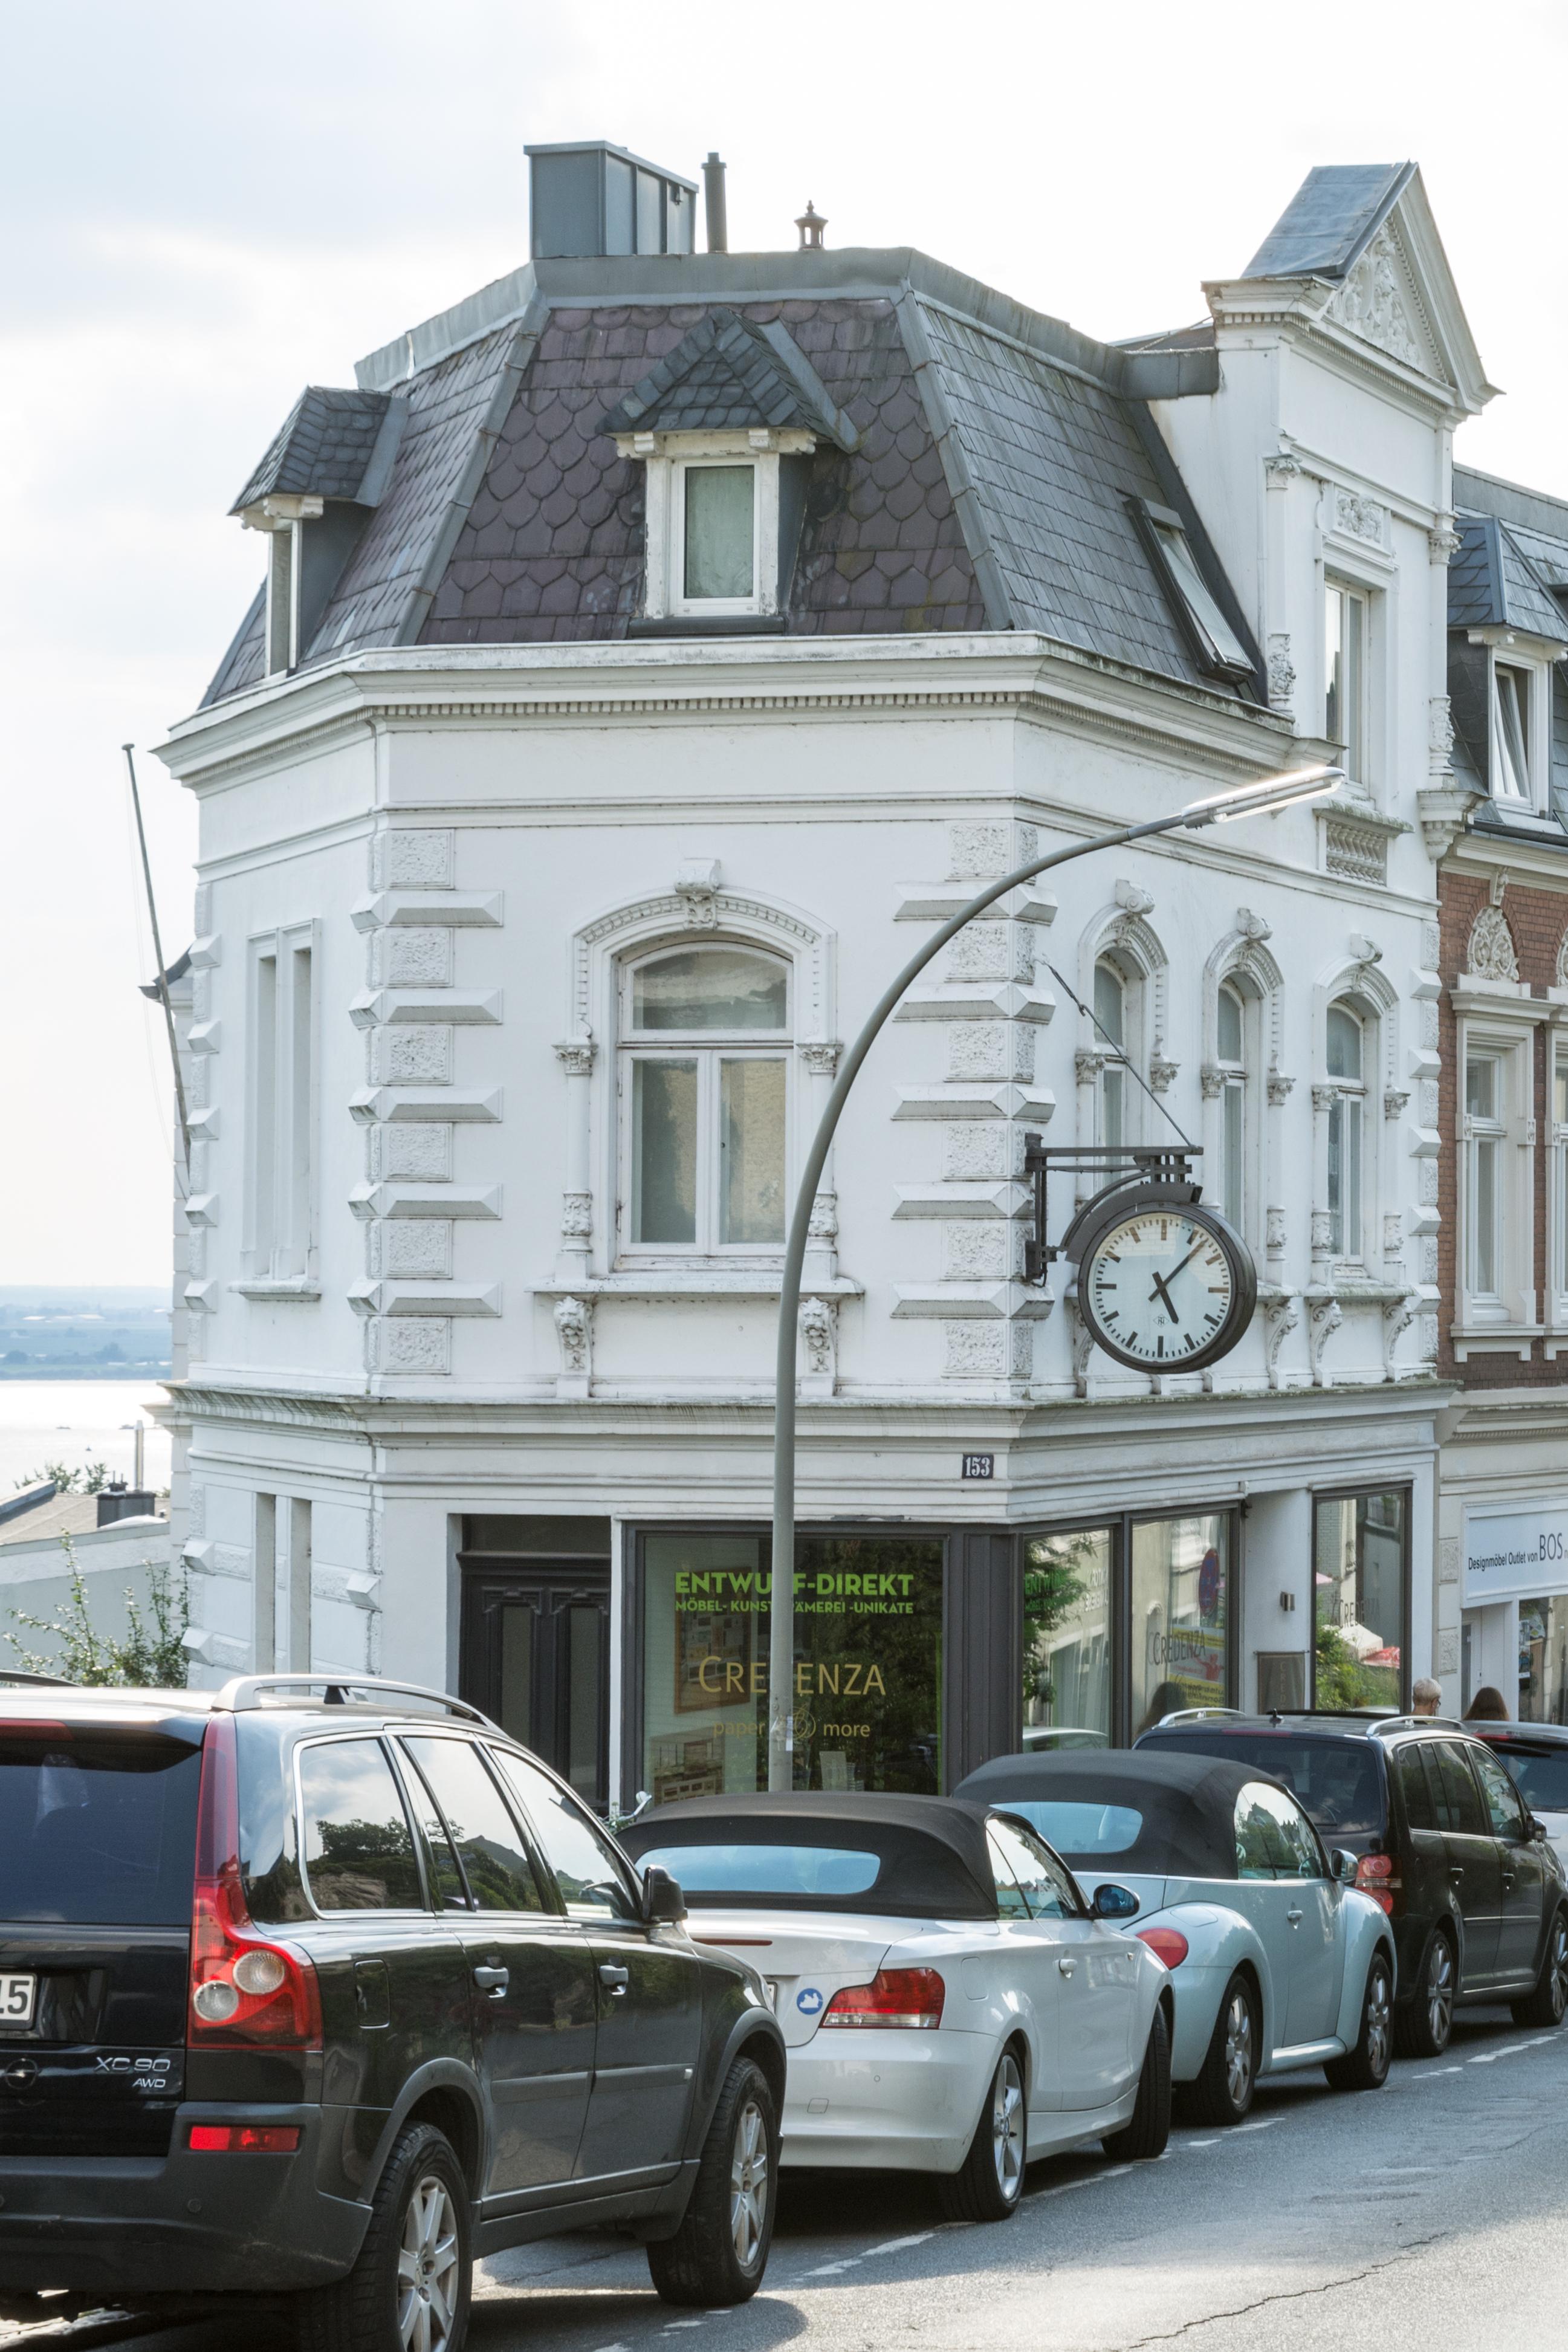 file:blankeneser hauptstraße 153 (hamburg-blankenese).16267.ajb